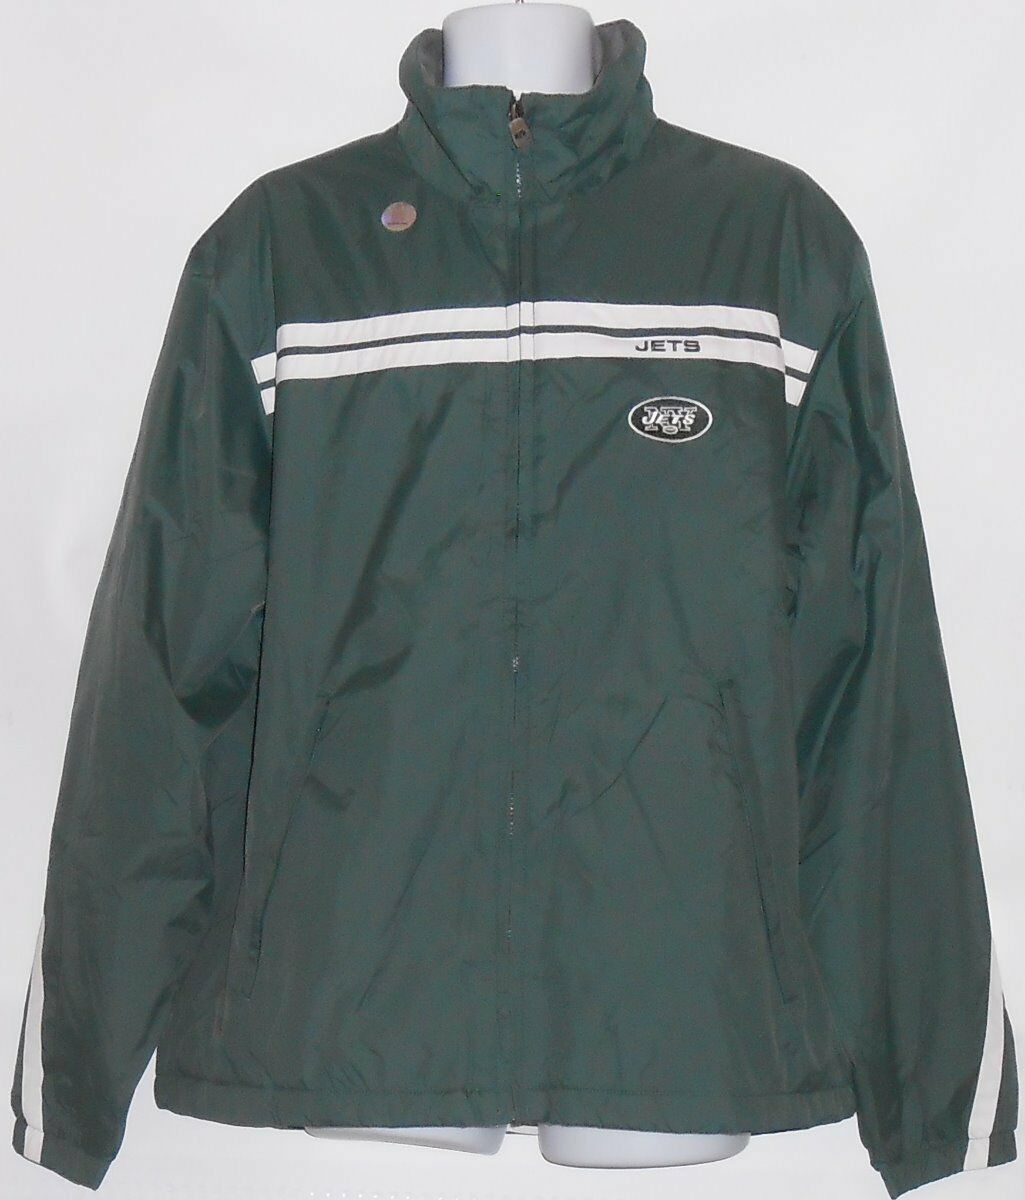 NFL auténtico para hombre  New York Jets Forrado Cremallera Frontal Chaqueta verde XL nuevo con etiquetas  comprar marca